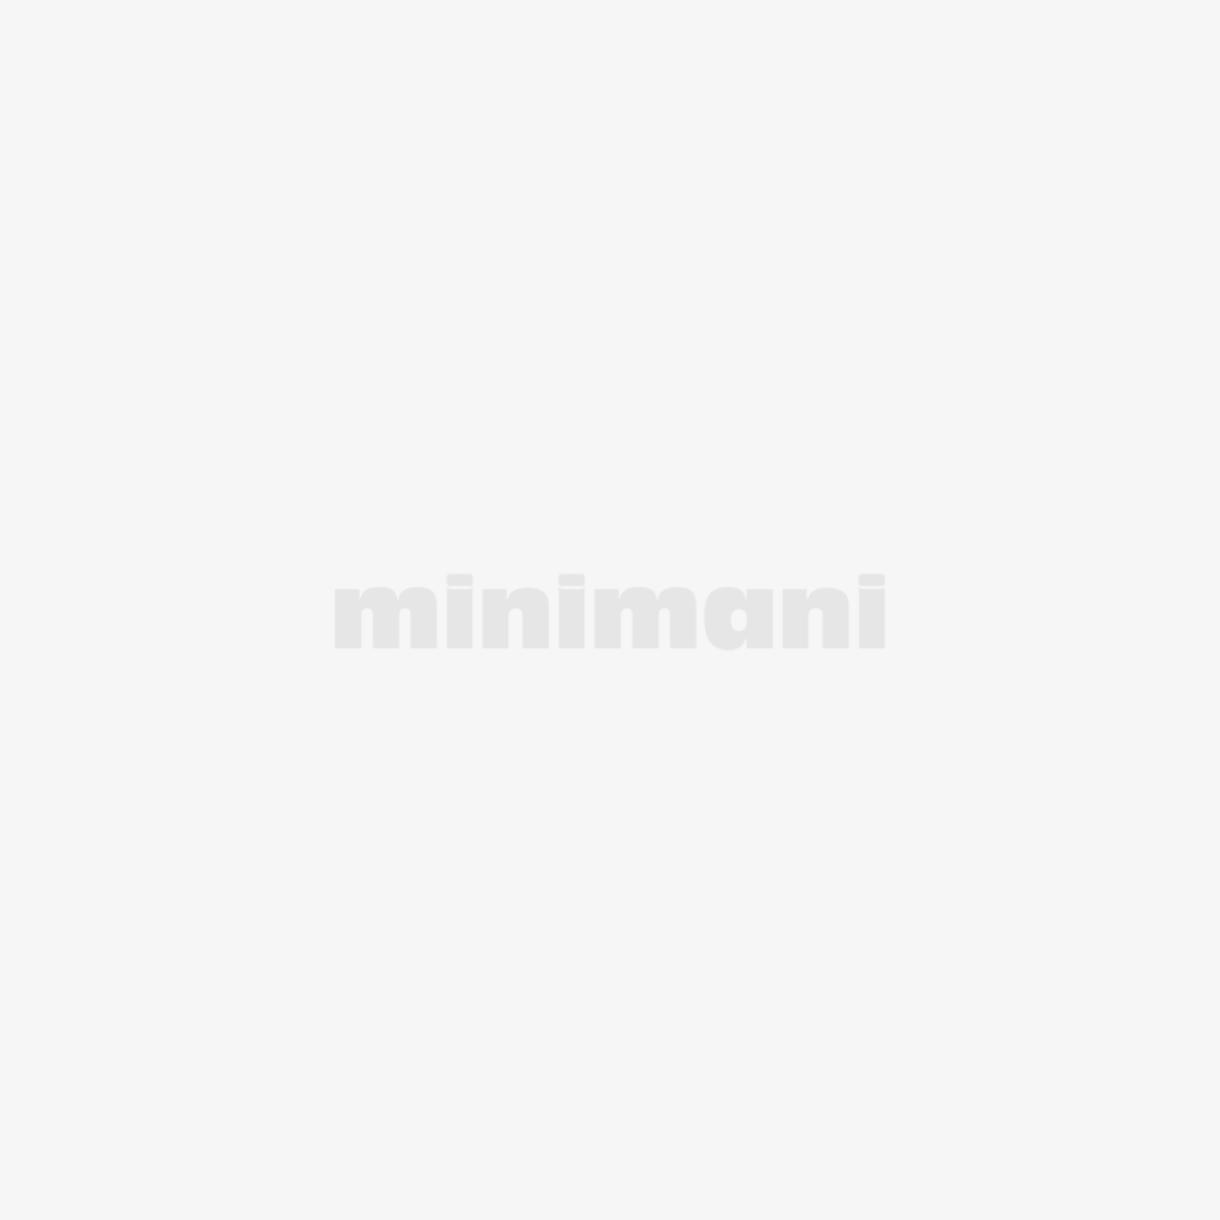 CROSSBOW NAISTEN MIDI-ALUSHOUSUT 3 KPL/PKT VALKOINEN